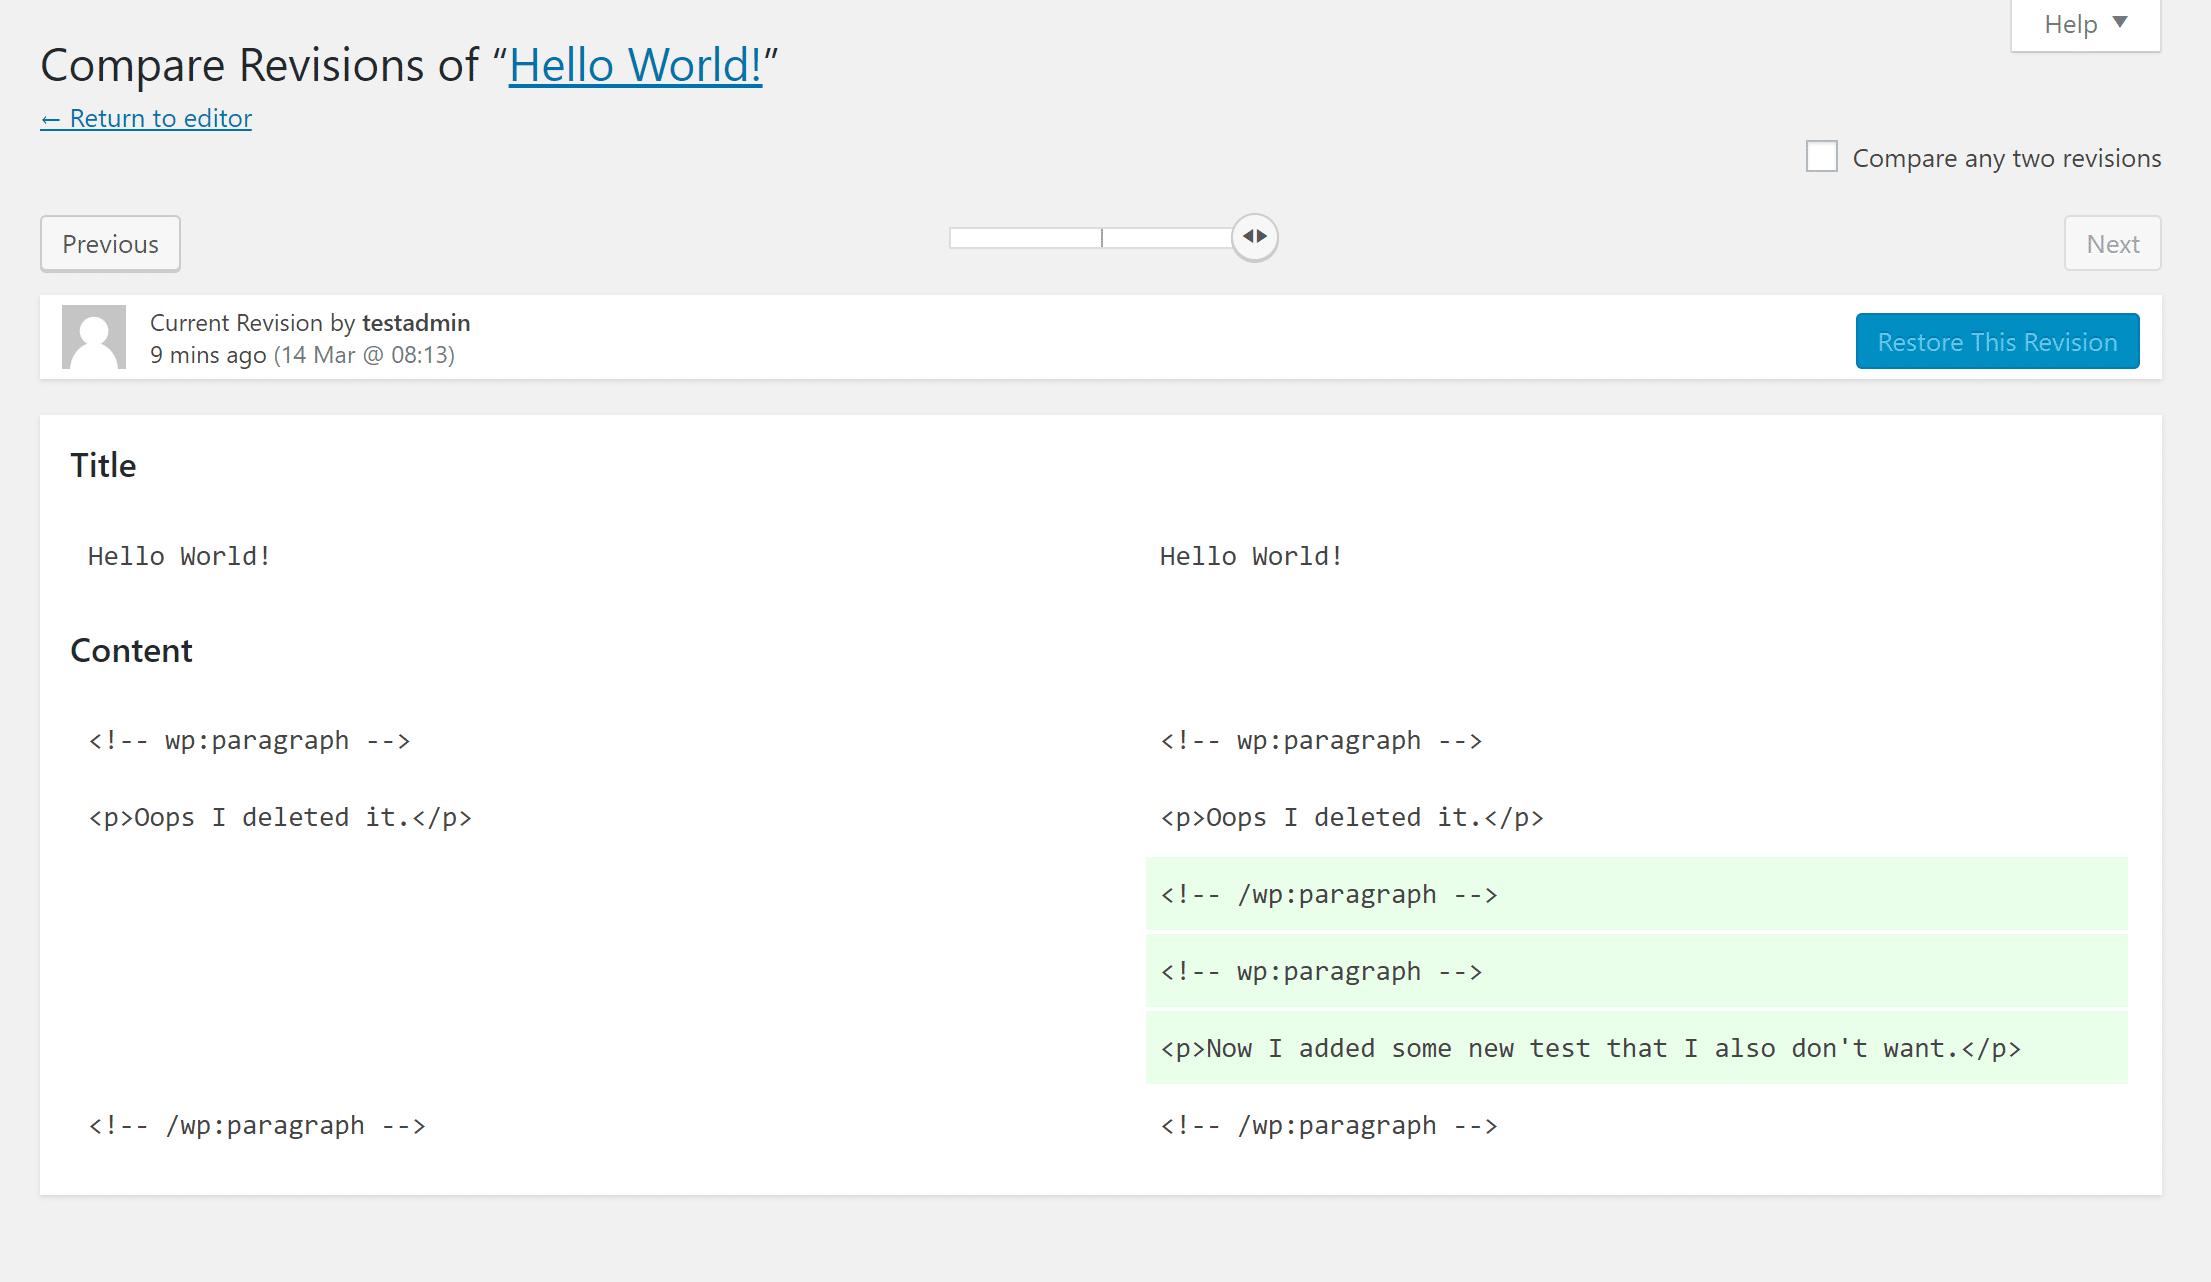 A interface de revisões no WordPress